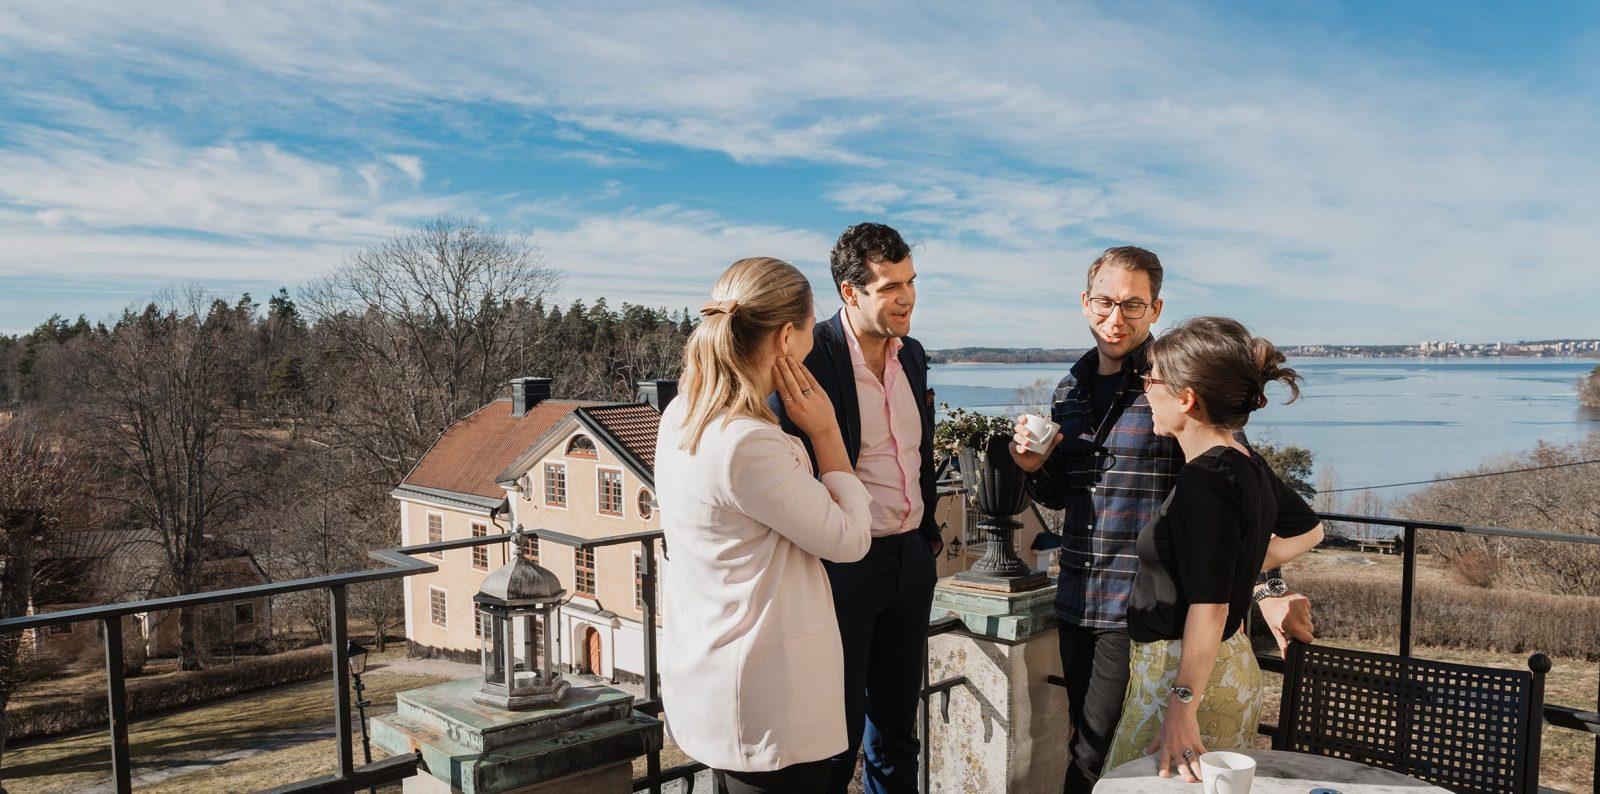 Anök till Novares ledarprogram Emerge för ledare